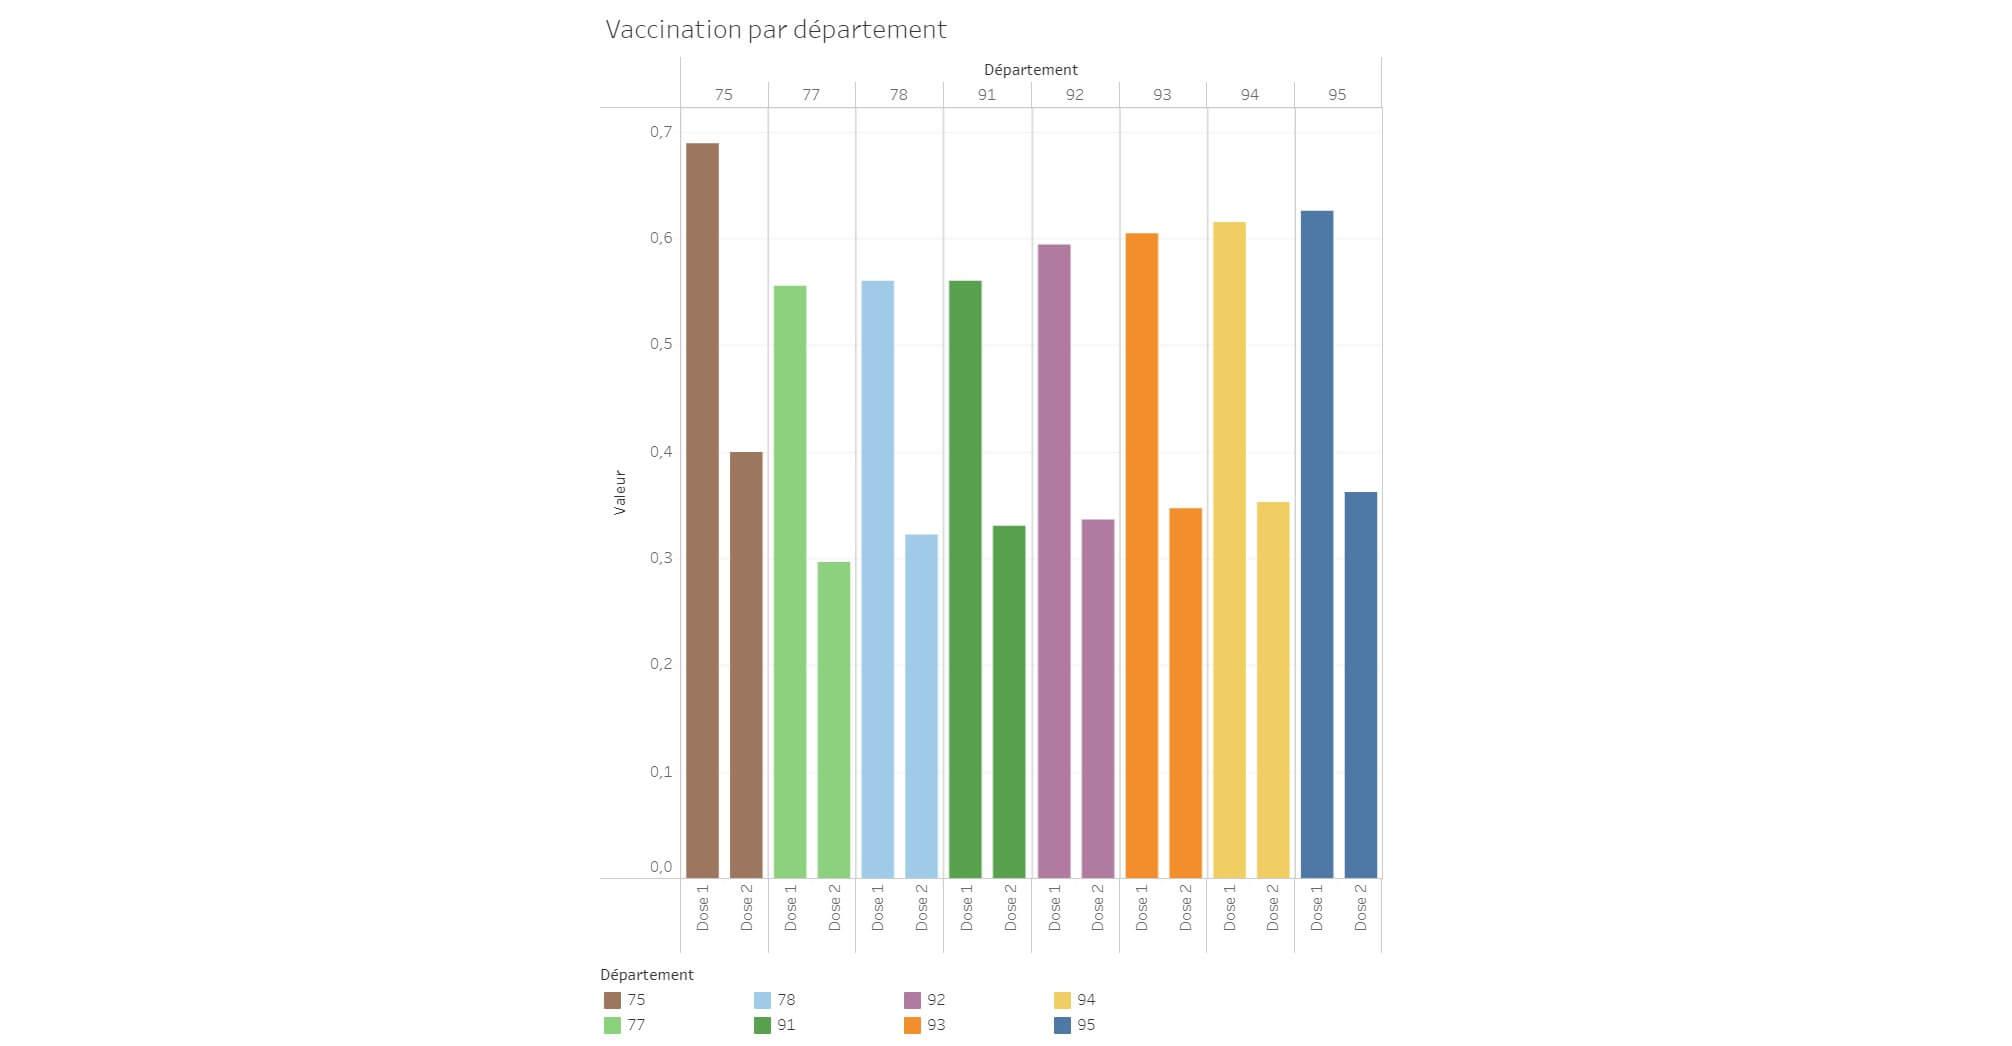 Coronavirus en Ile-de-France: grosse accélération sur la vaccination